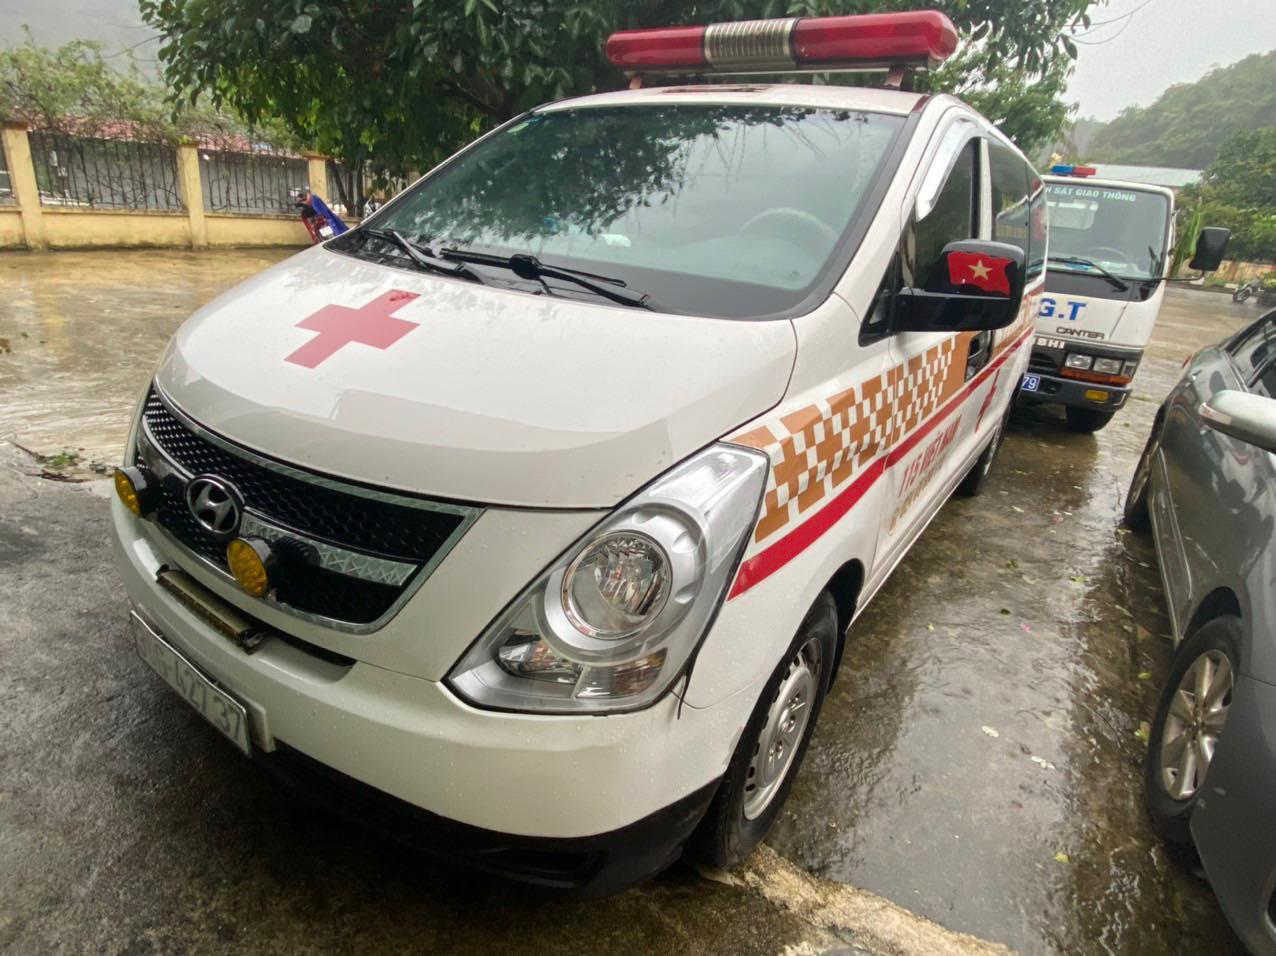 """Phát hiện xe cấp cứu chở """"chui"""" 12 người từ Bắc Ninh về Sơn La - Ảnh 3."""